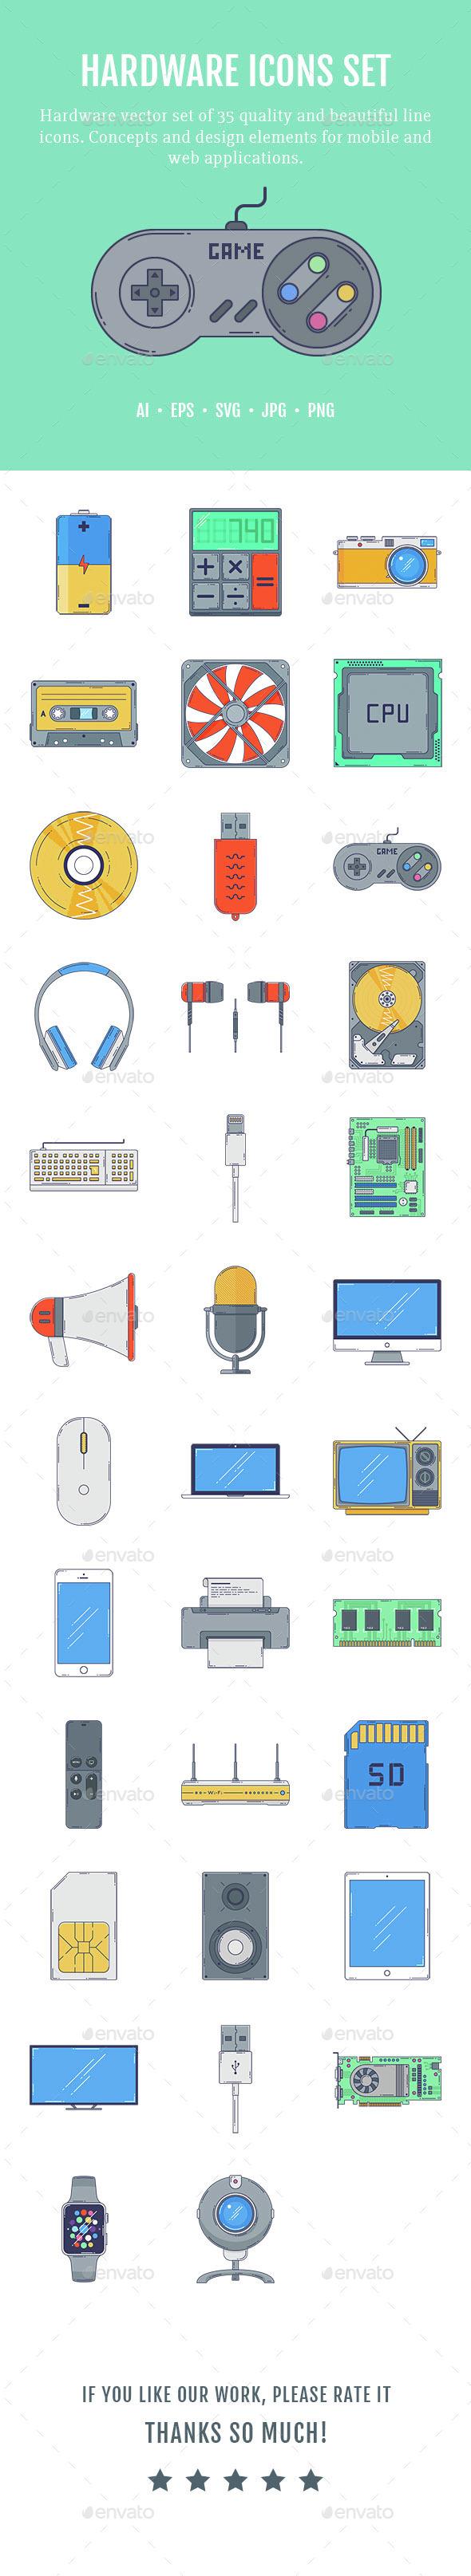 Hardware Icons Set - Technology Icons